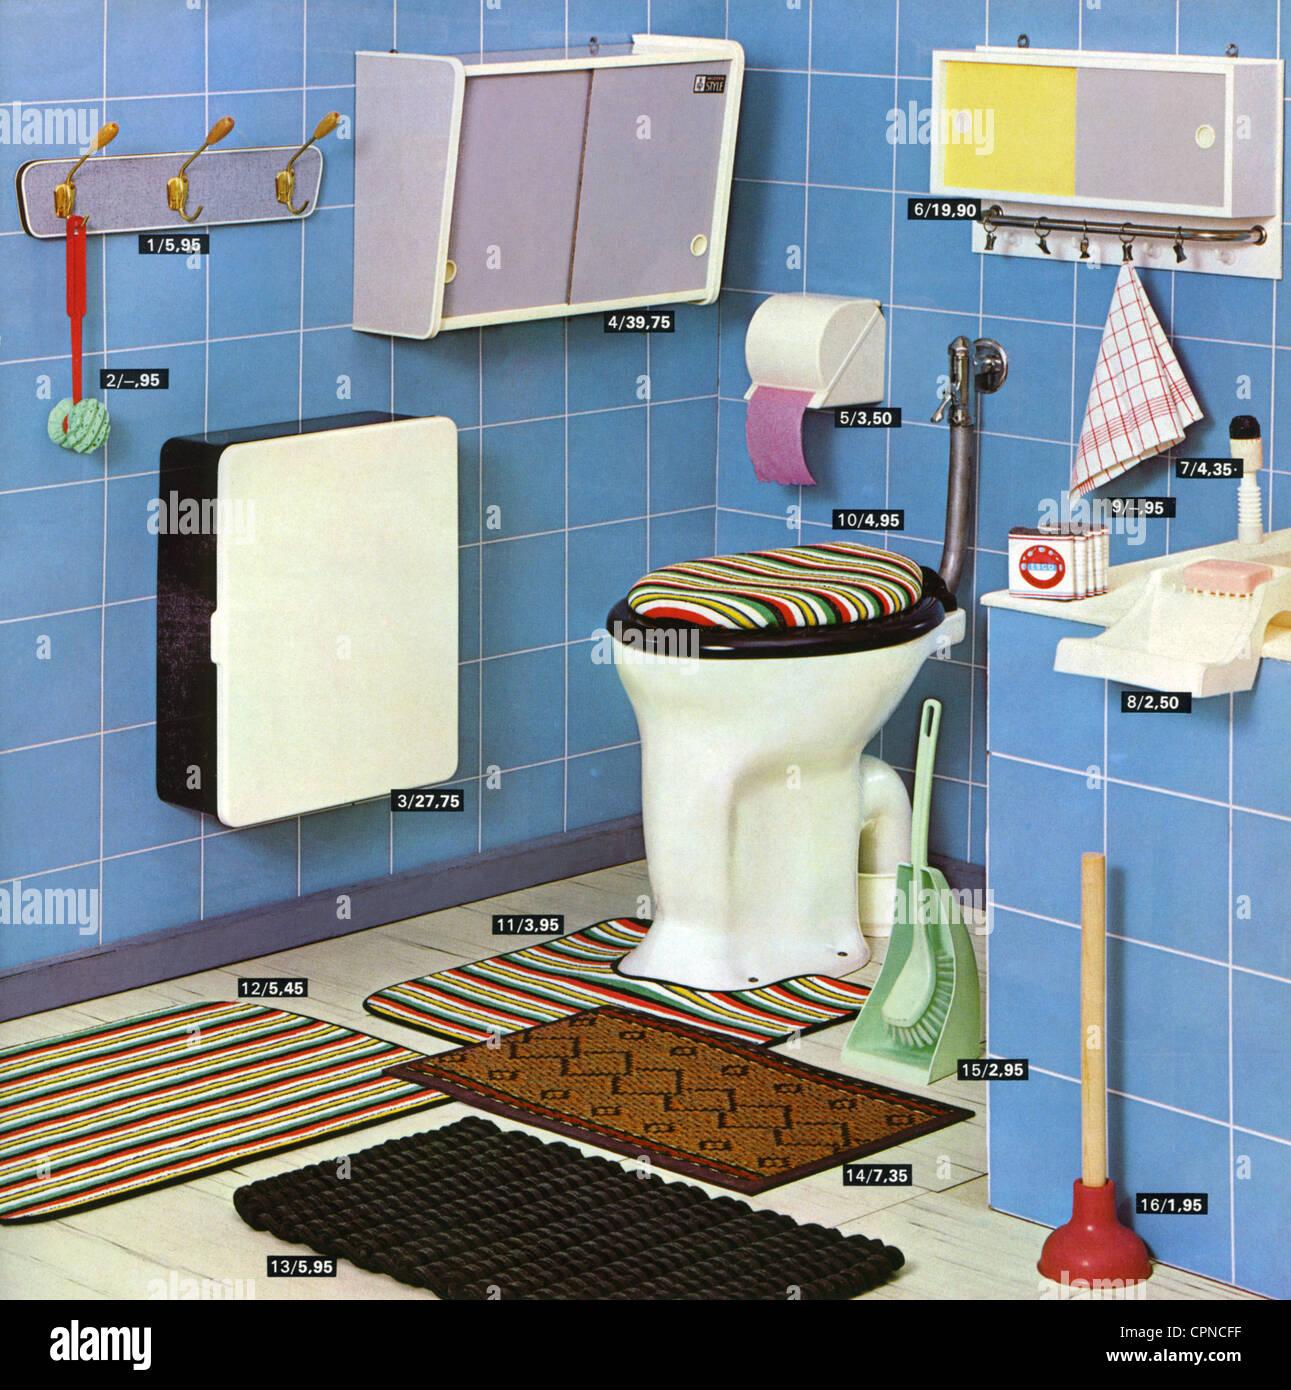 Möbel, Badezimmer, Katalog Bild mit Artikelnummern, unbekannte ...